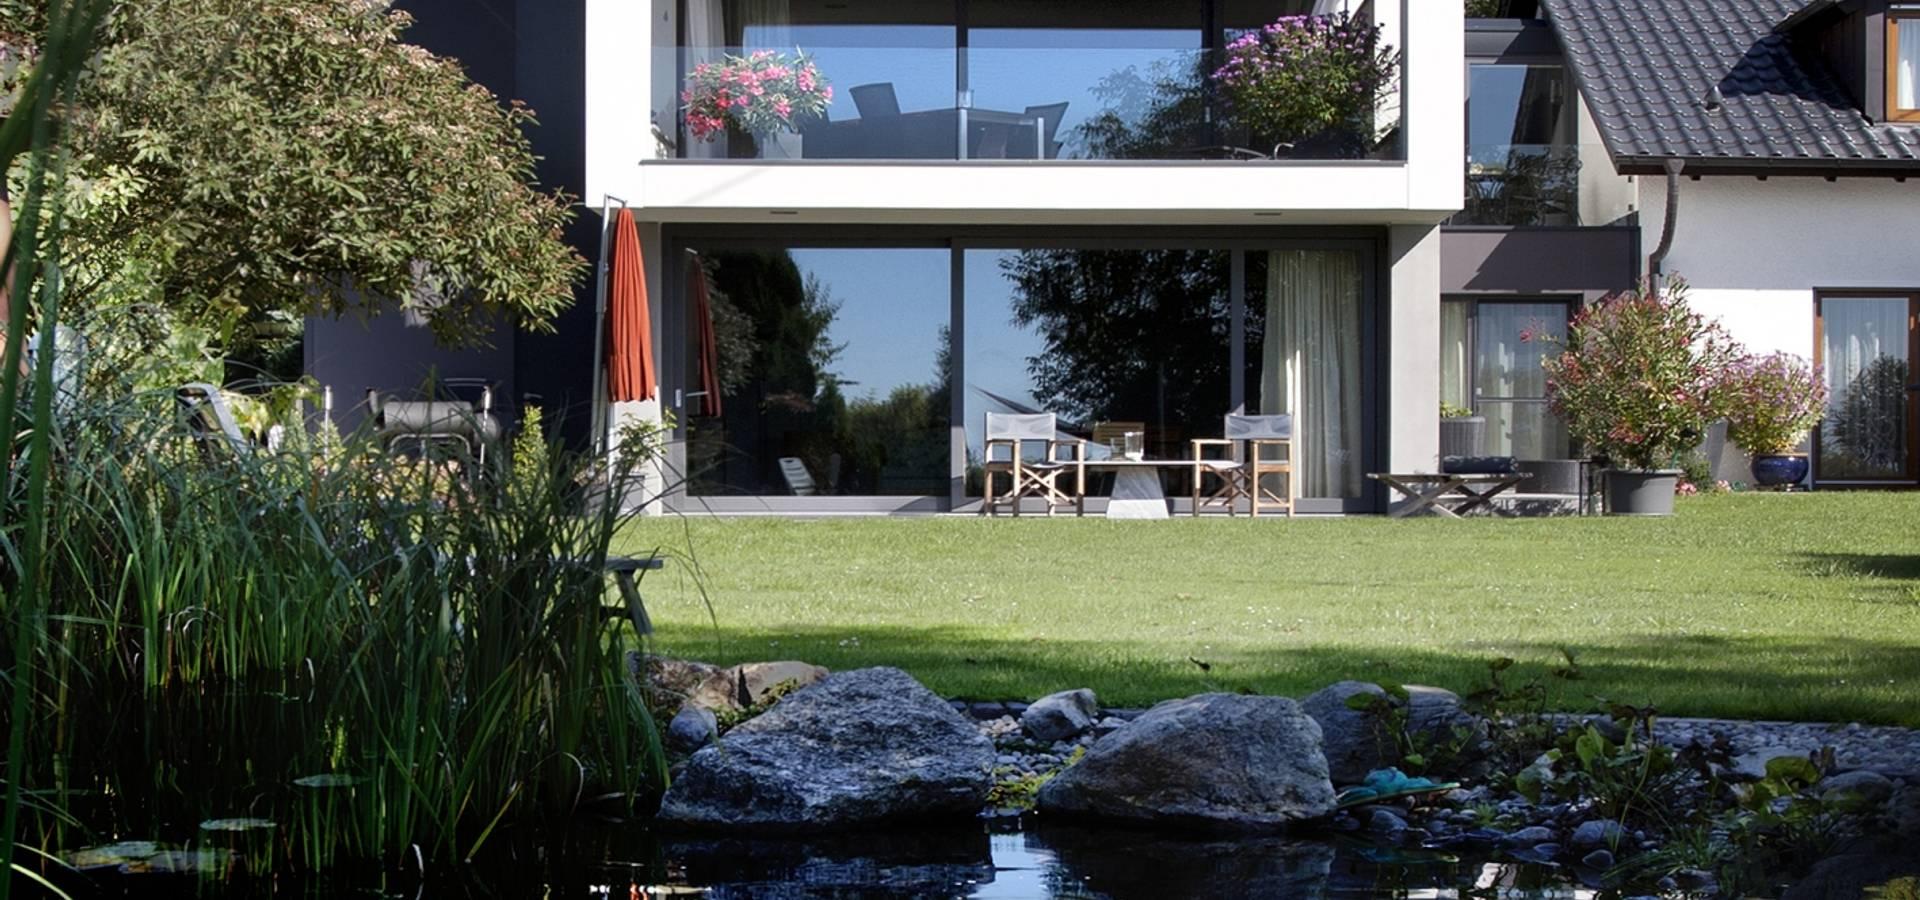 Kneer GmbH, Fenster und Türen: Fenster in Westerheim | homify